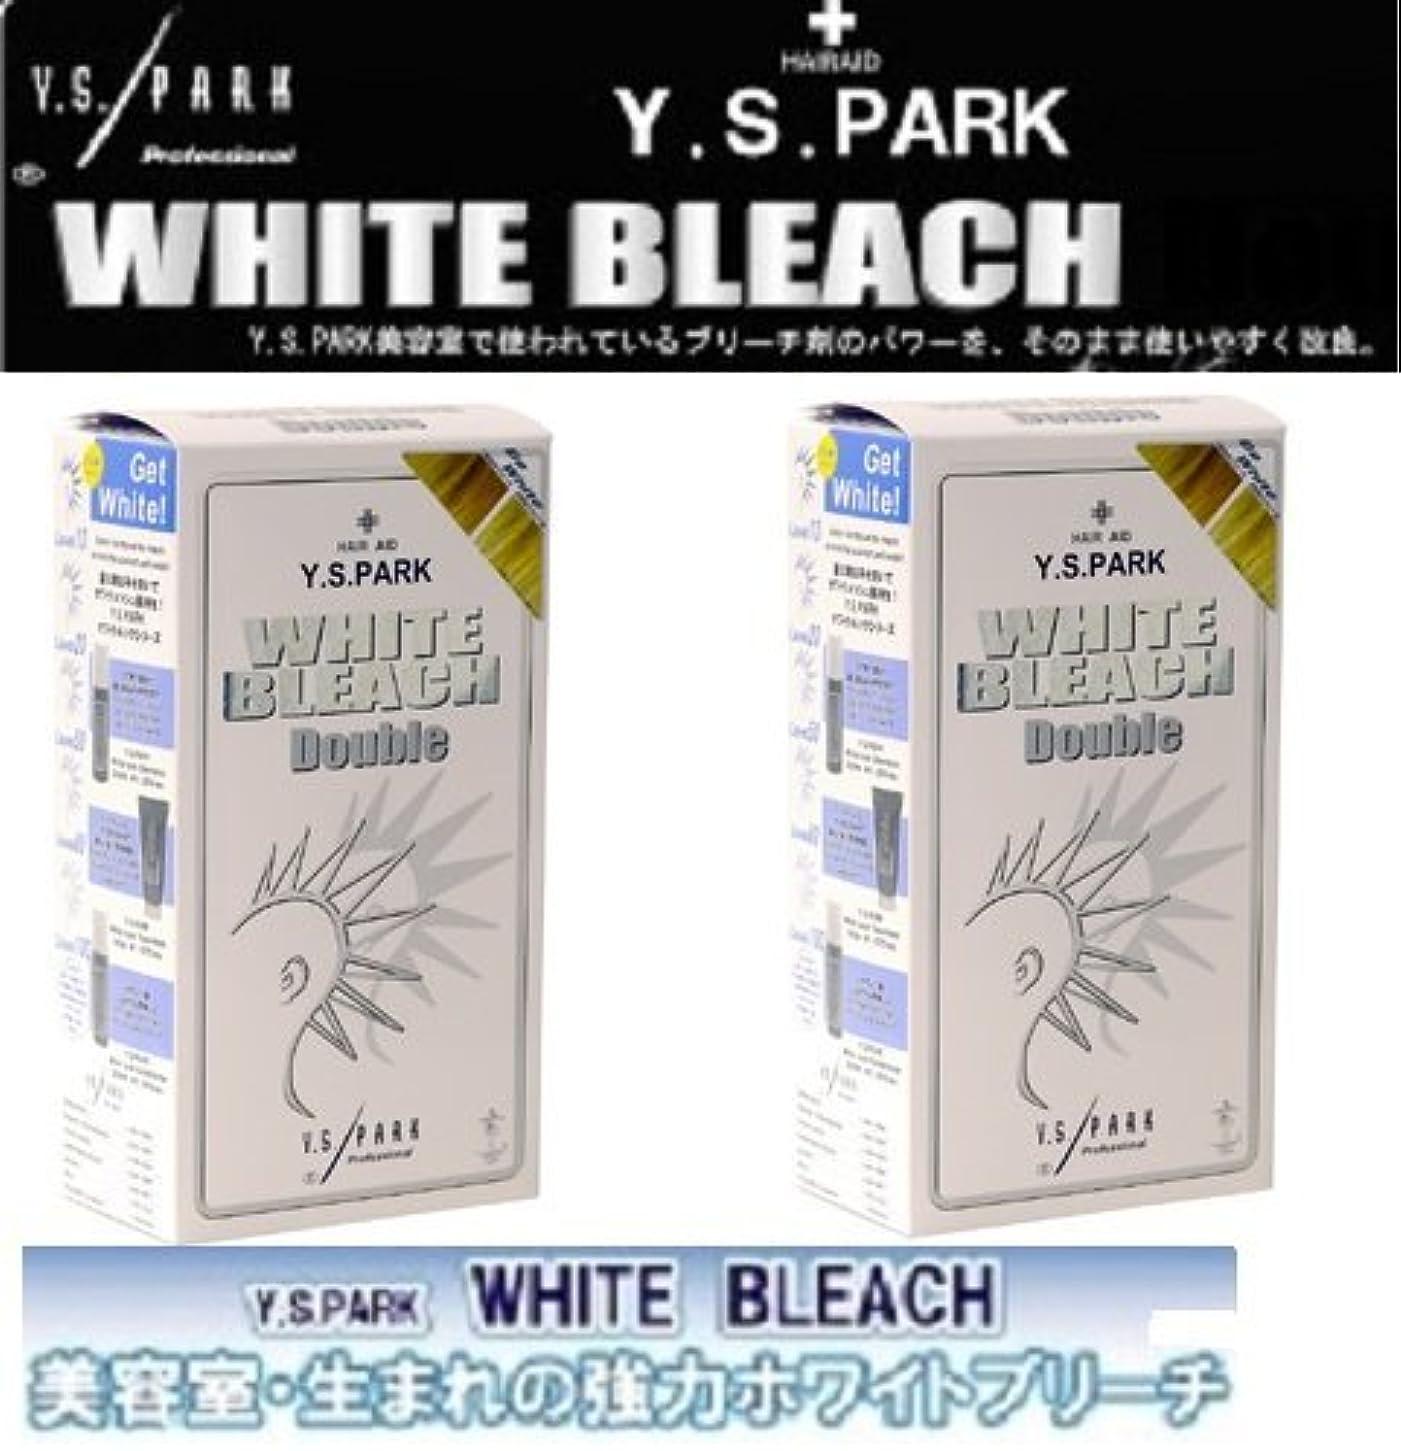 踏み台散髪釈義Y.S.パーク ホワイトブリーチ ダブル60g(お得な2個組)美容室生まれの強力ホワイトブリーチ?強力ホワイトブリーチに大容量サイズが登場!